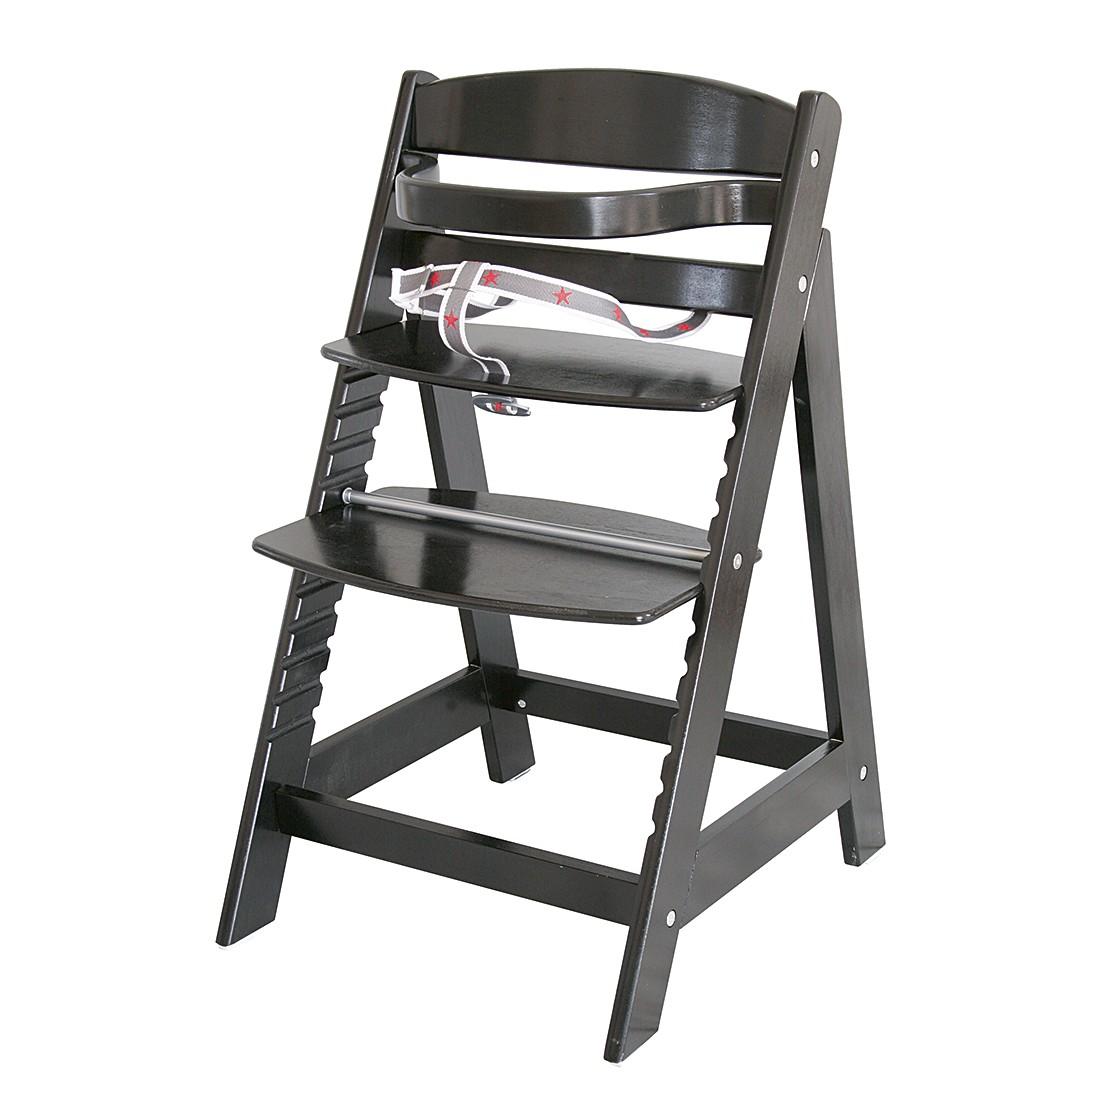 Roba chaise haute sit up prix et meilleures offres for Chaise haute prix